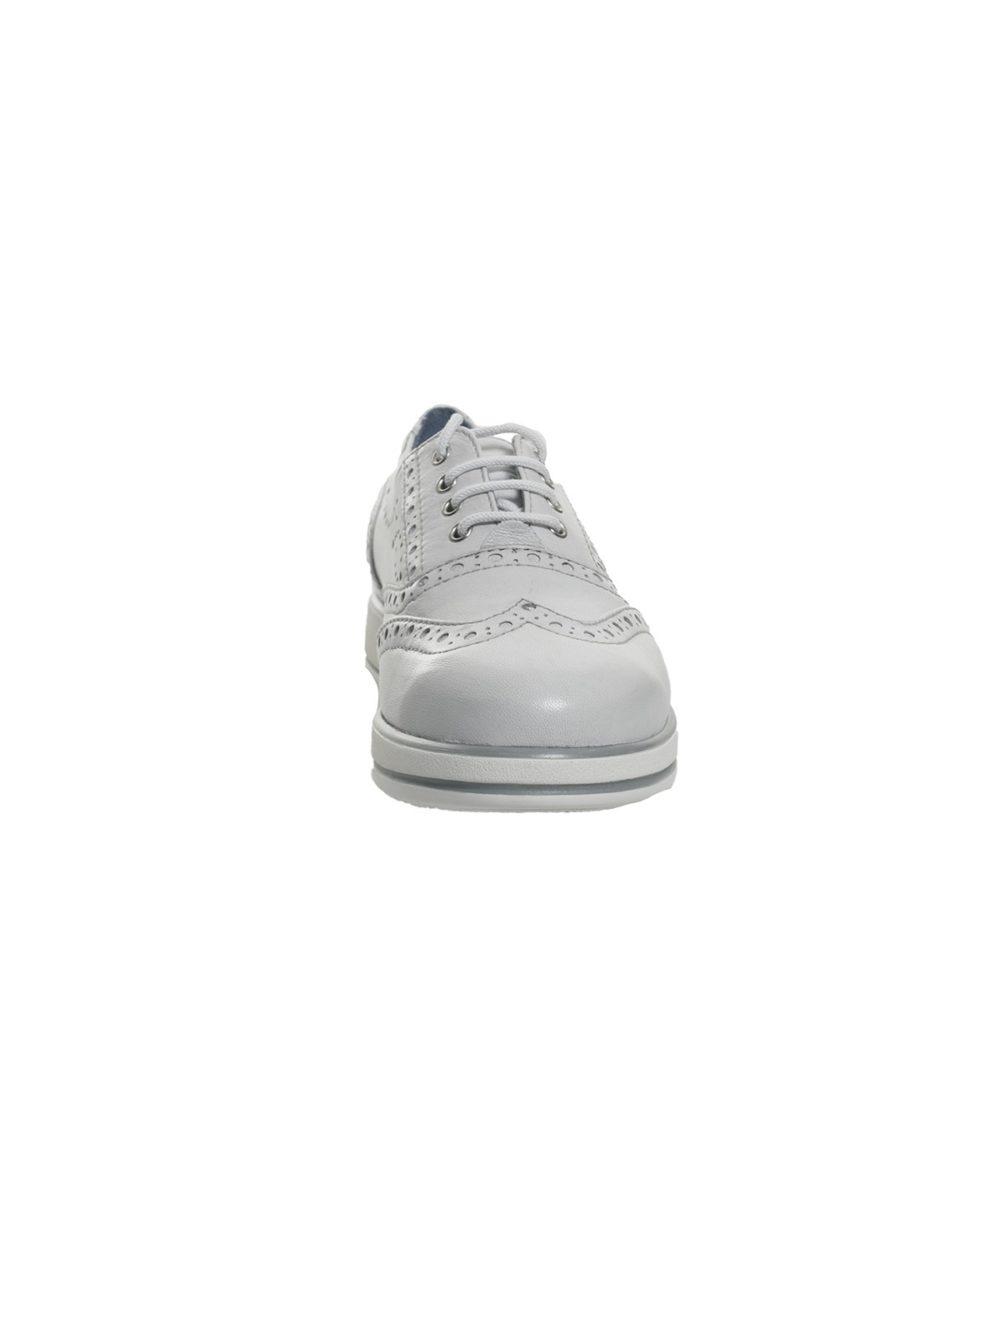 Chelsie Shoe Regarde le Ciel Katie Kerr Women's Clothing